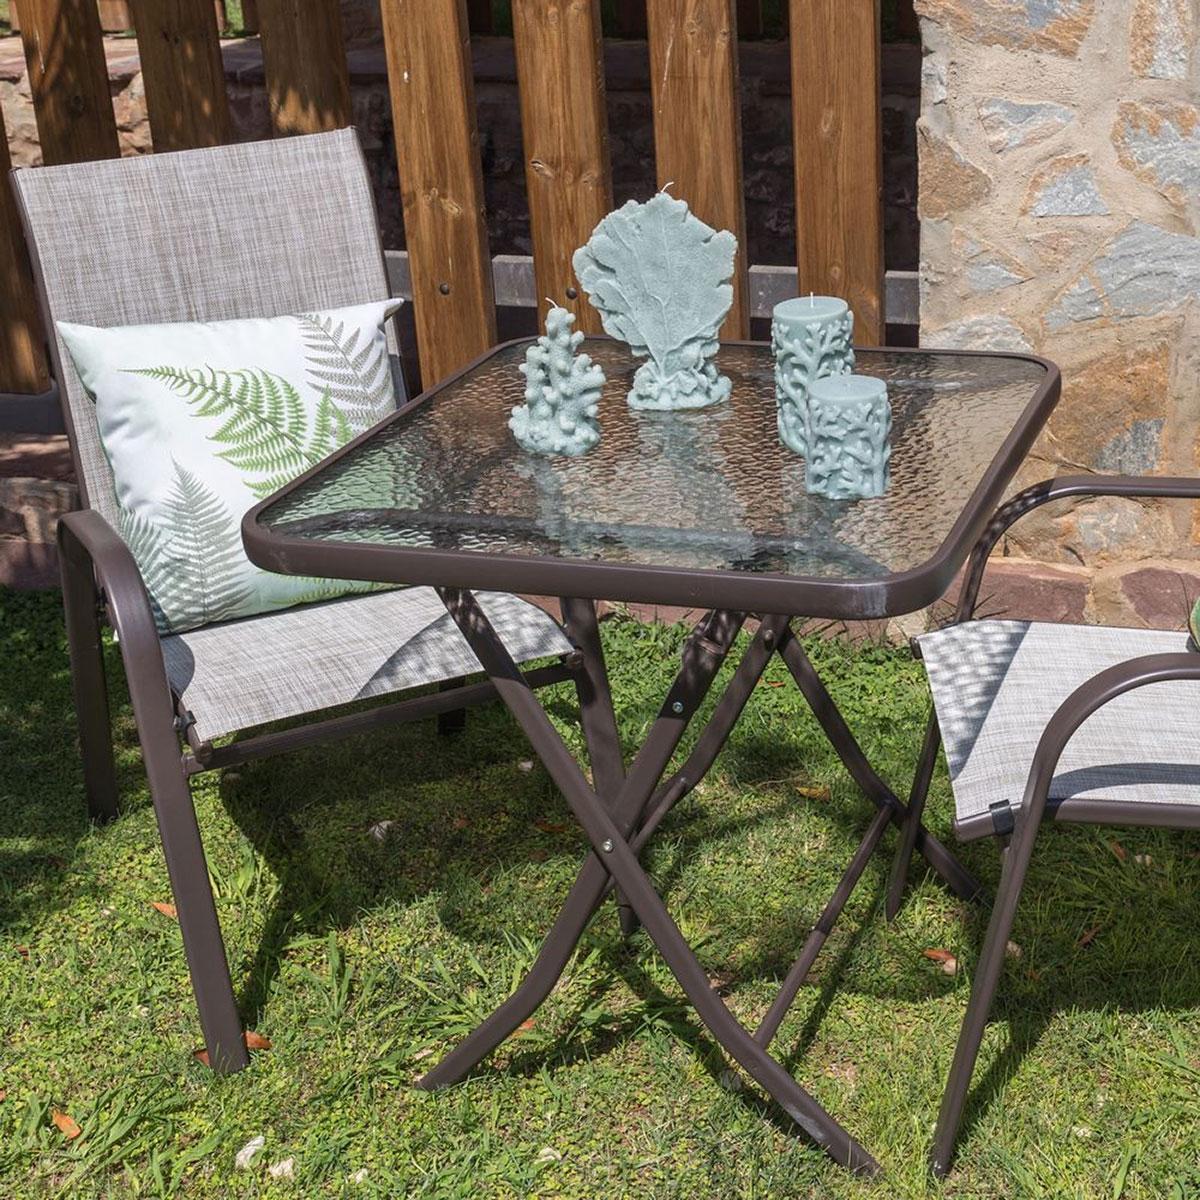 Table pliante en acier marron et verre trempé granité - Marron - 70.00 cm x 70.00 cm x 72.00 cm